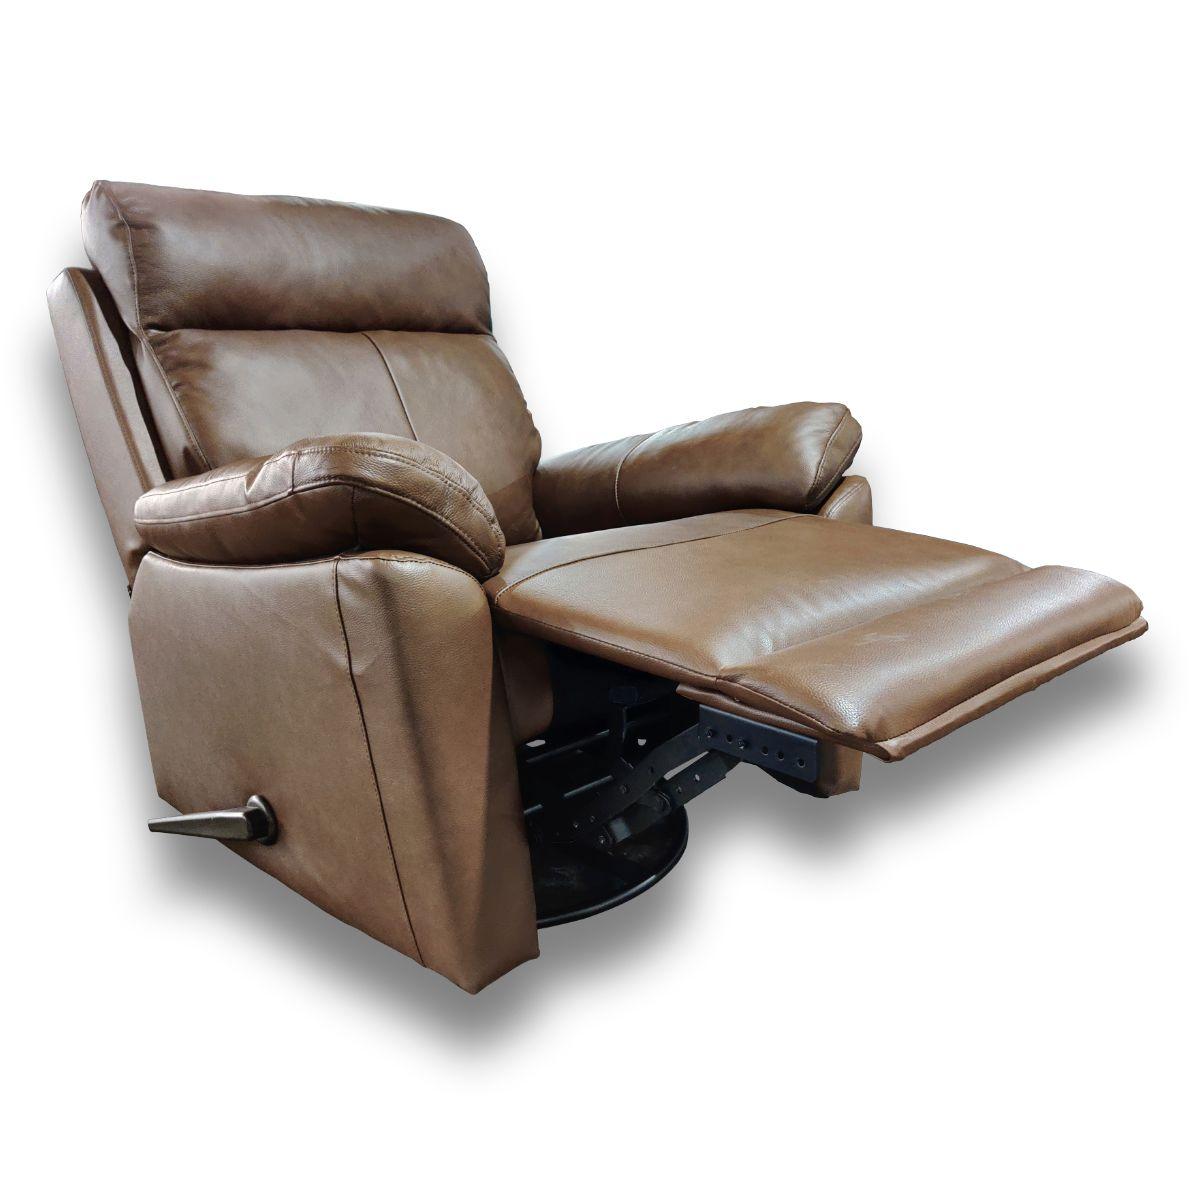 Boss recliner ruskea nahka/keinonahka, Tenstar